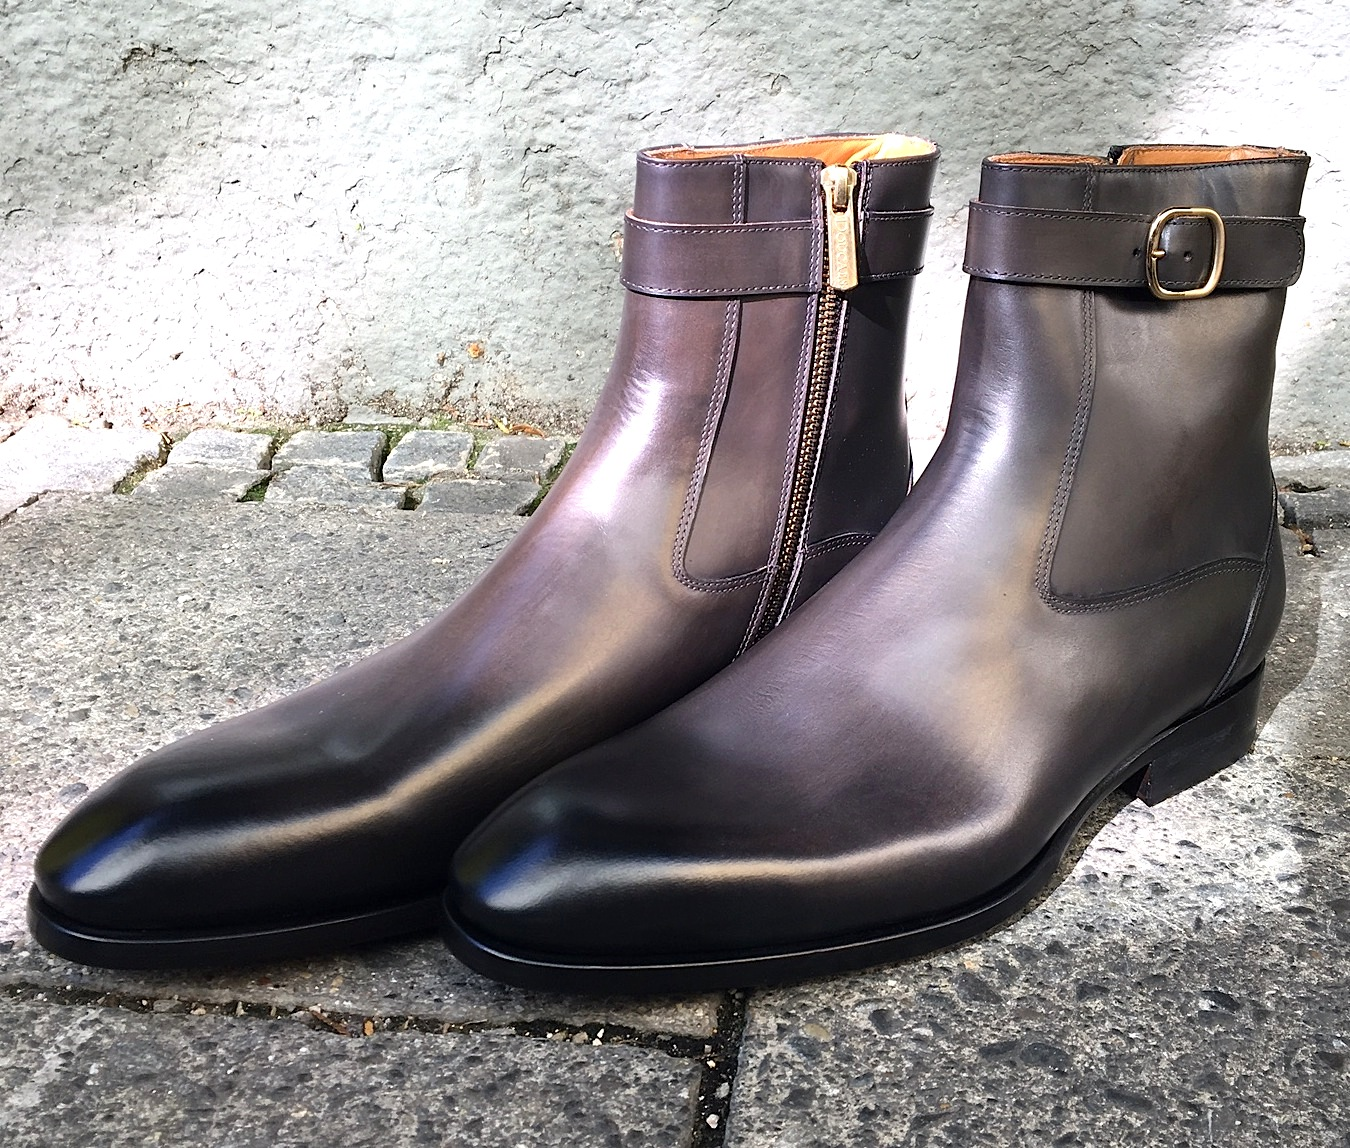 Unique Stiefel Schuhe Halbhoch Muenchen Herren ShoesMünchen F1KJlc